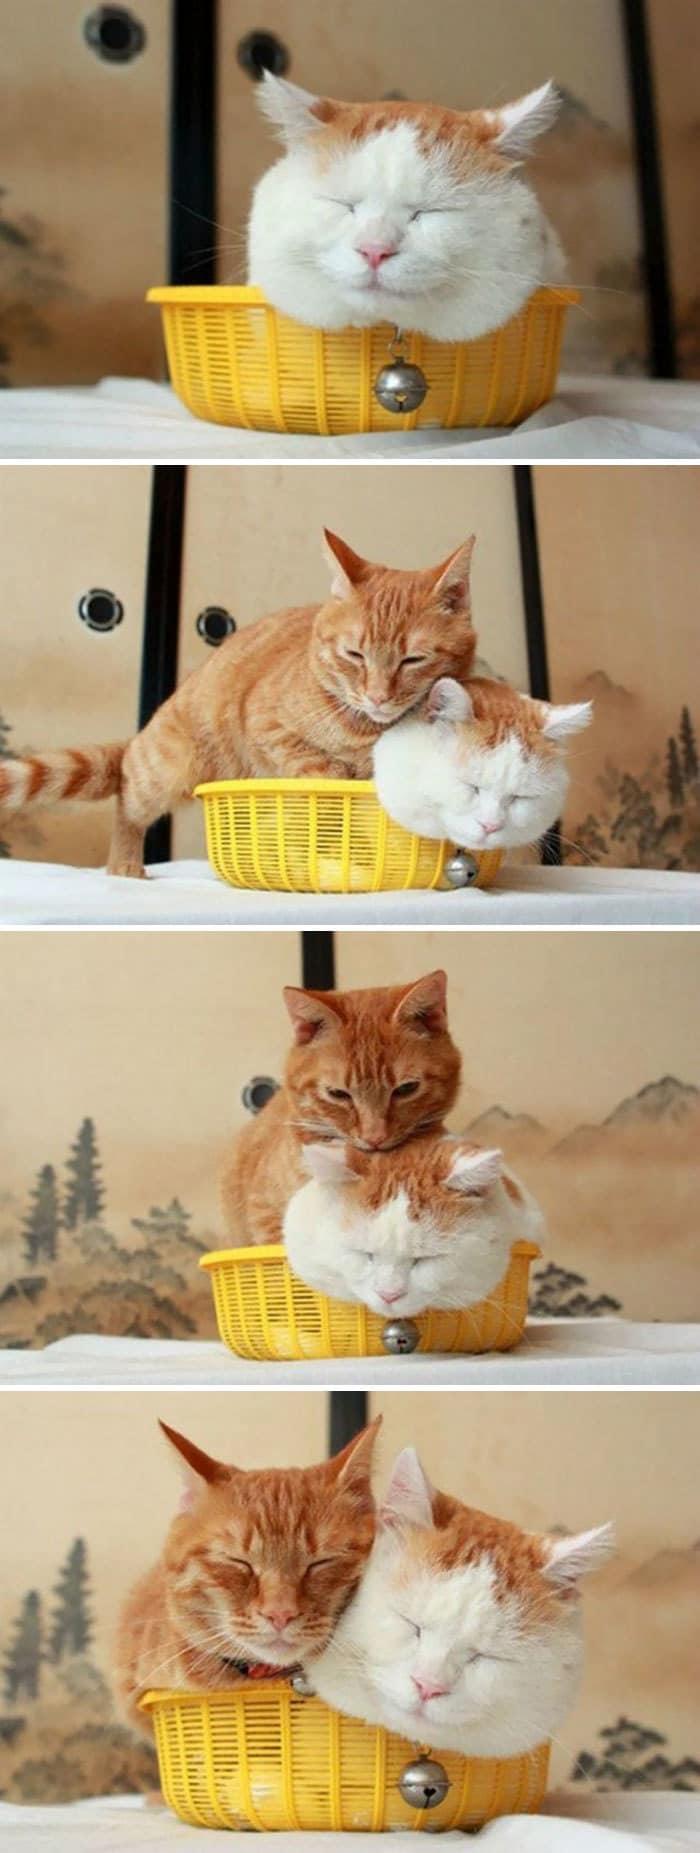 коты в маленьких коробках приколы (1)